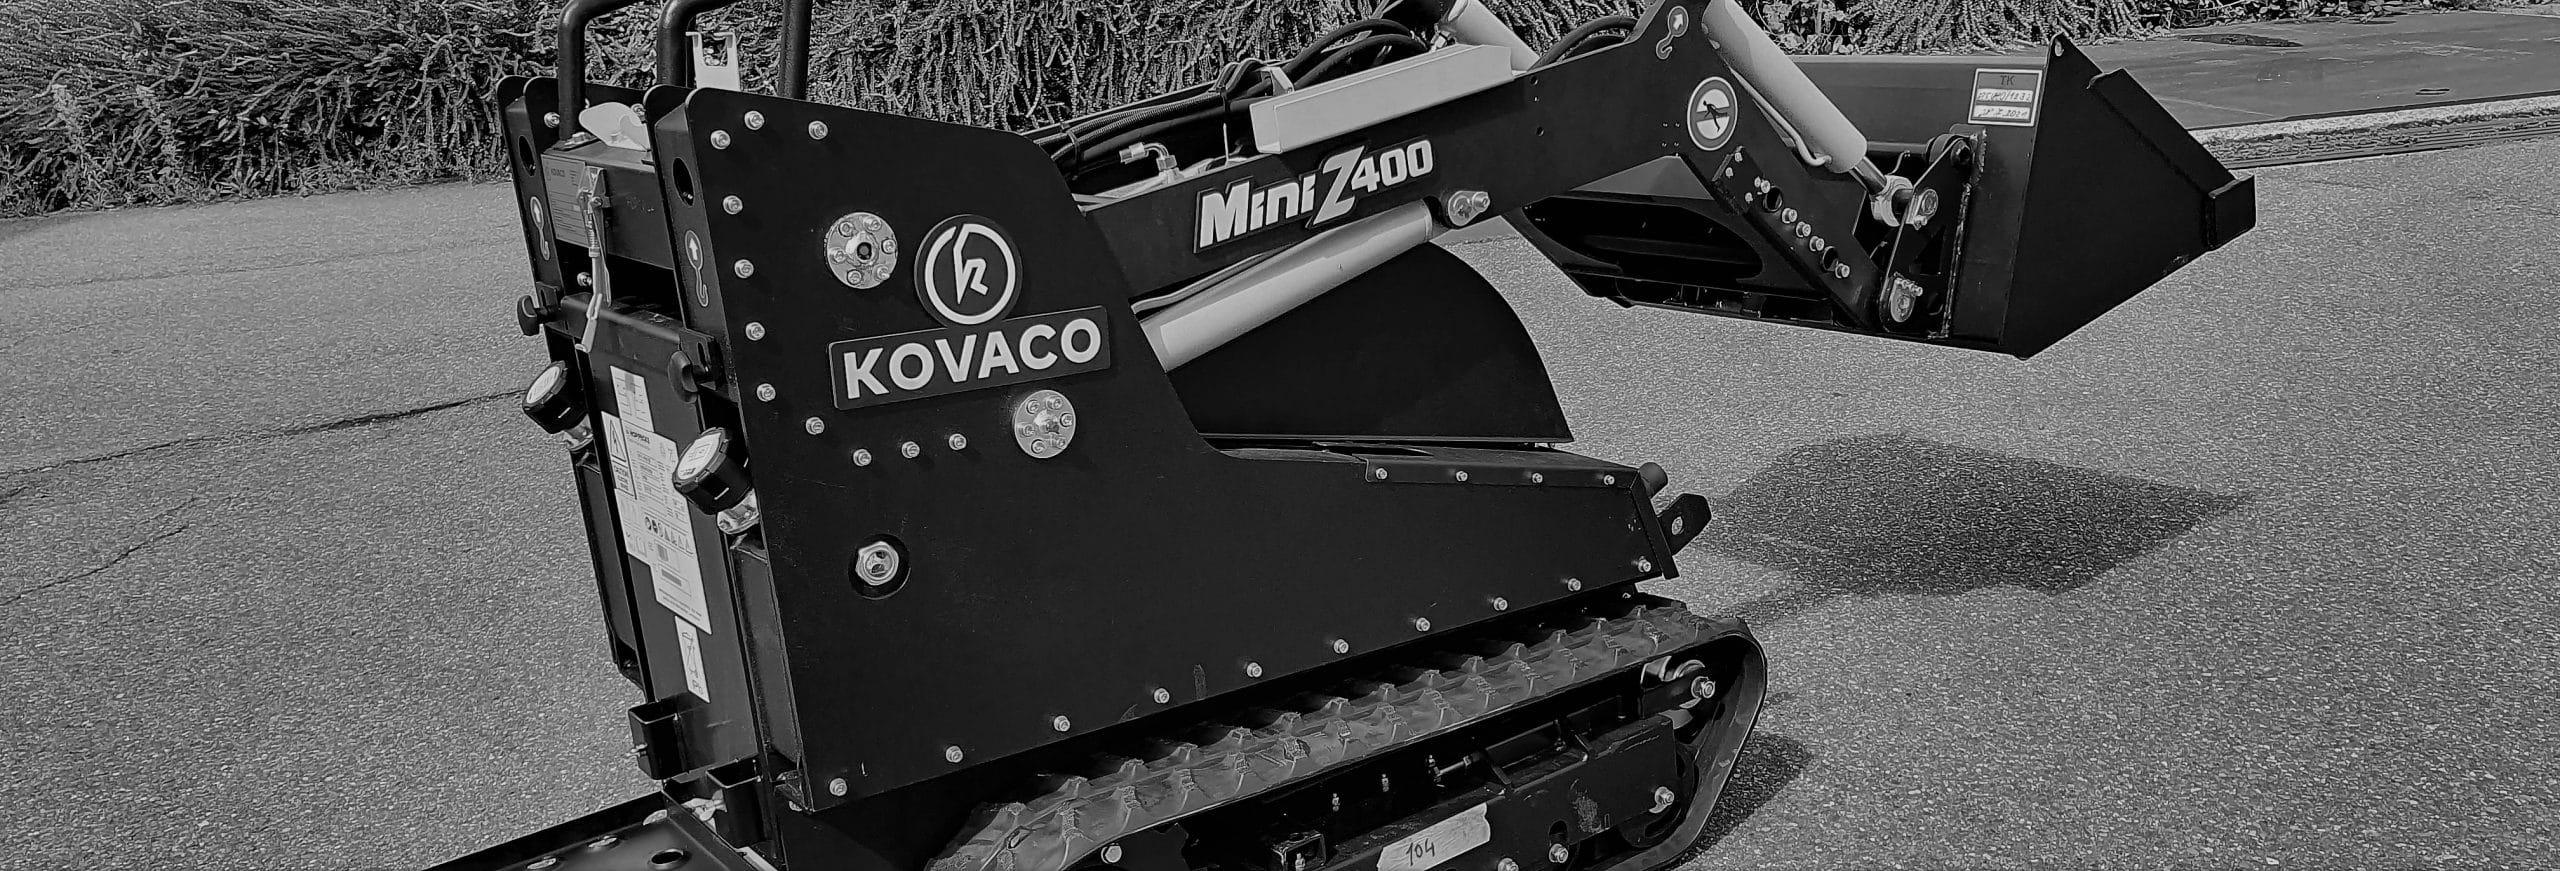 De MiniZ 400 is nu in Nederland te bezichtigen!